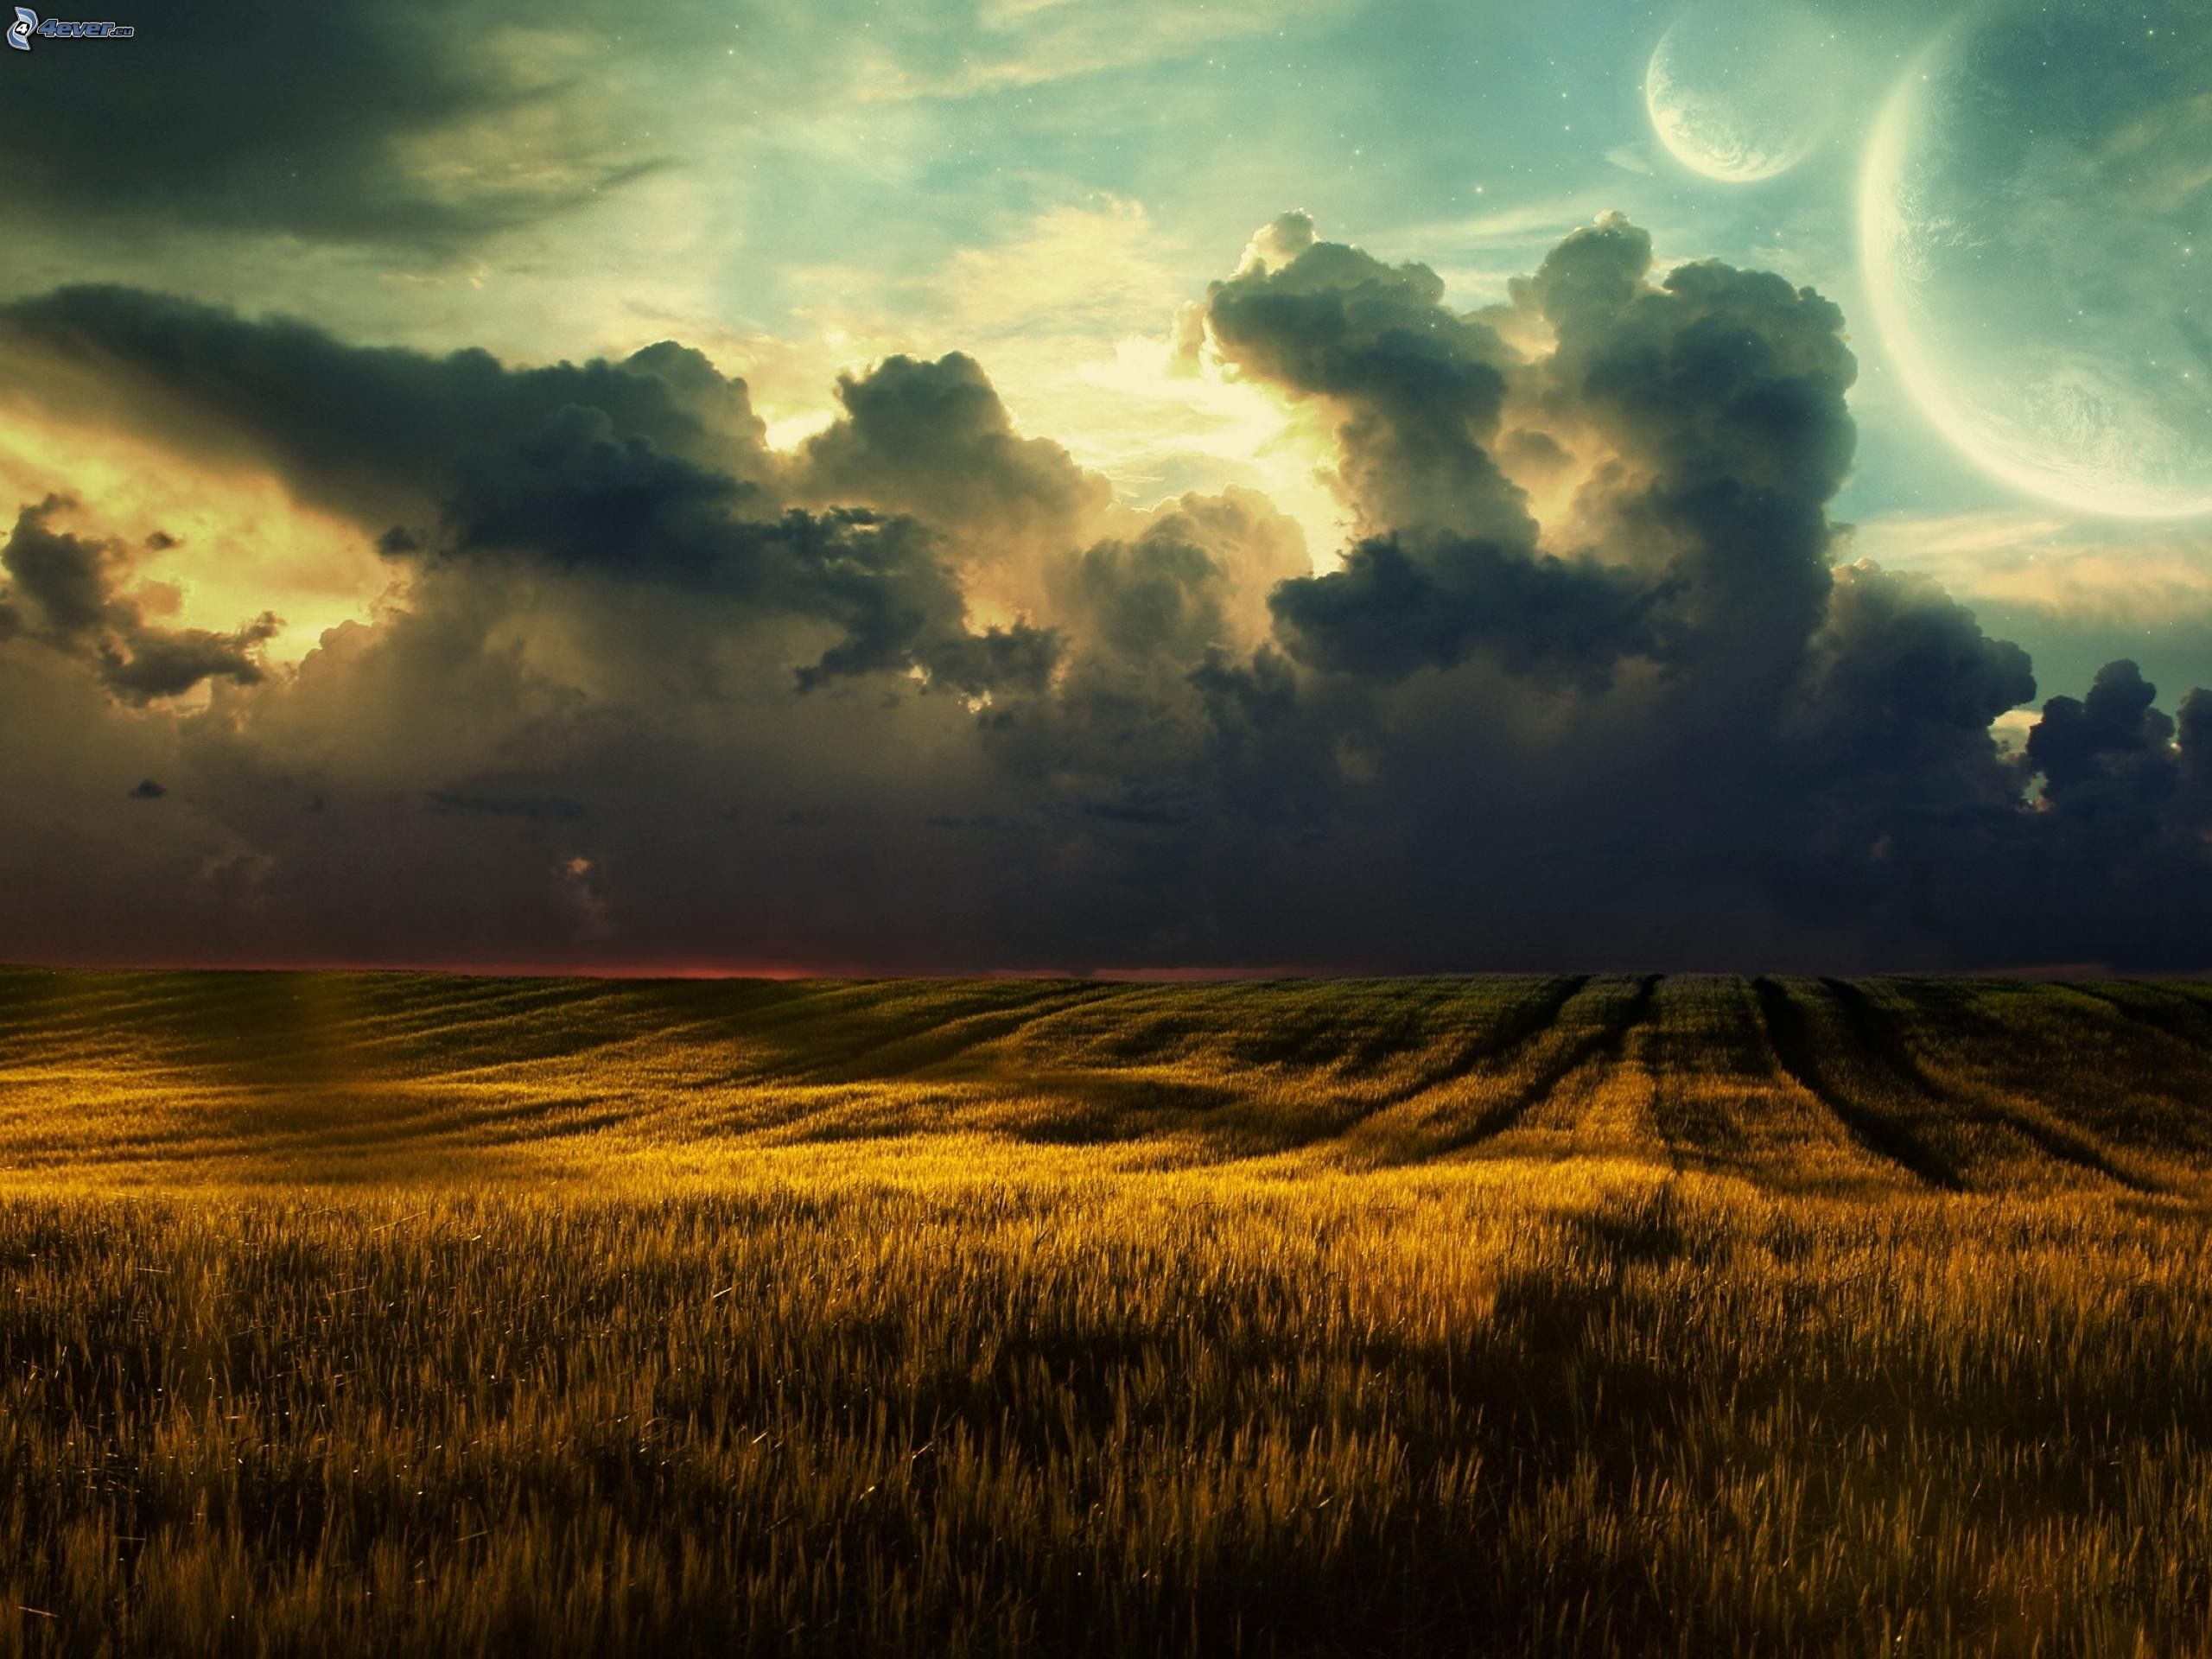 Campo di grano for Paesaggi fantasy immagini